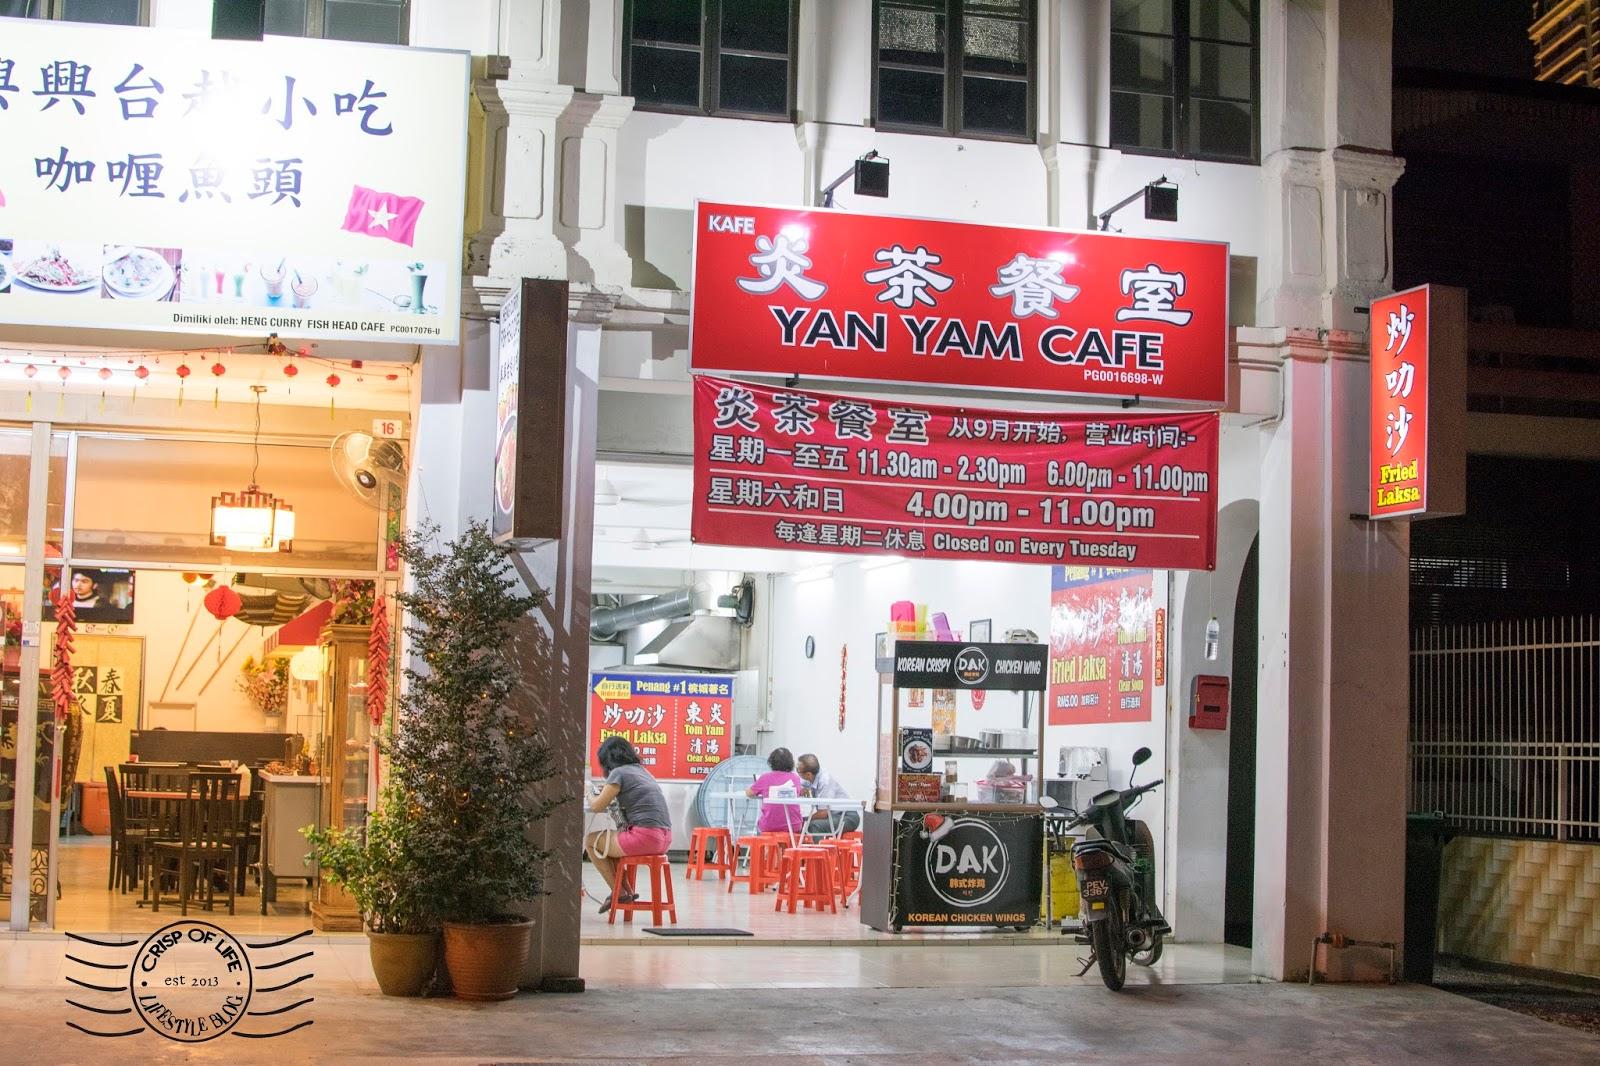 Fried Laksa Yan Yam Cafe Jalan Siam Penang Georgetown